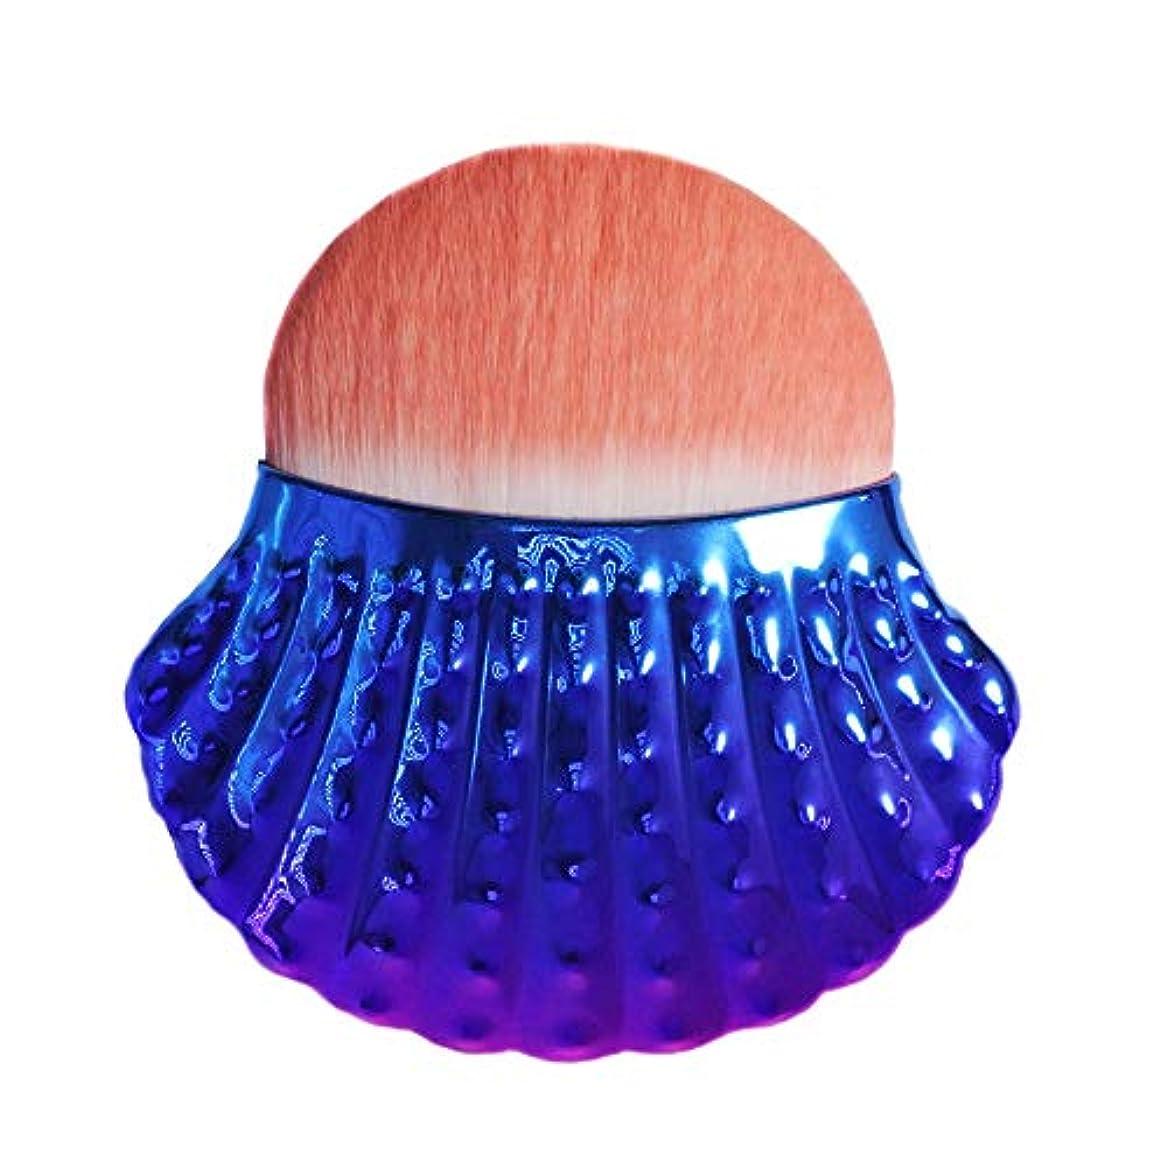 かび臭い小切手プーノMakeup brushes 青、独占シェルタイプブラッシュブラシ美容メイクブラシツールポータブル多機能メイクブラシ suits (Color : Blue)